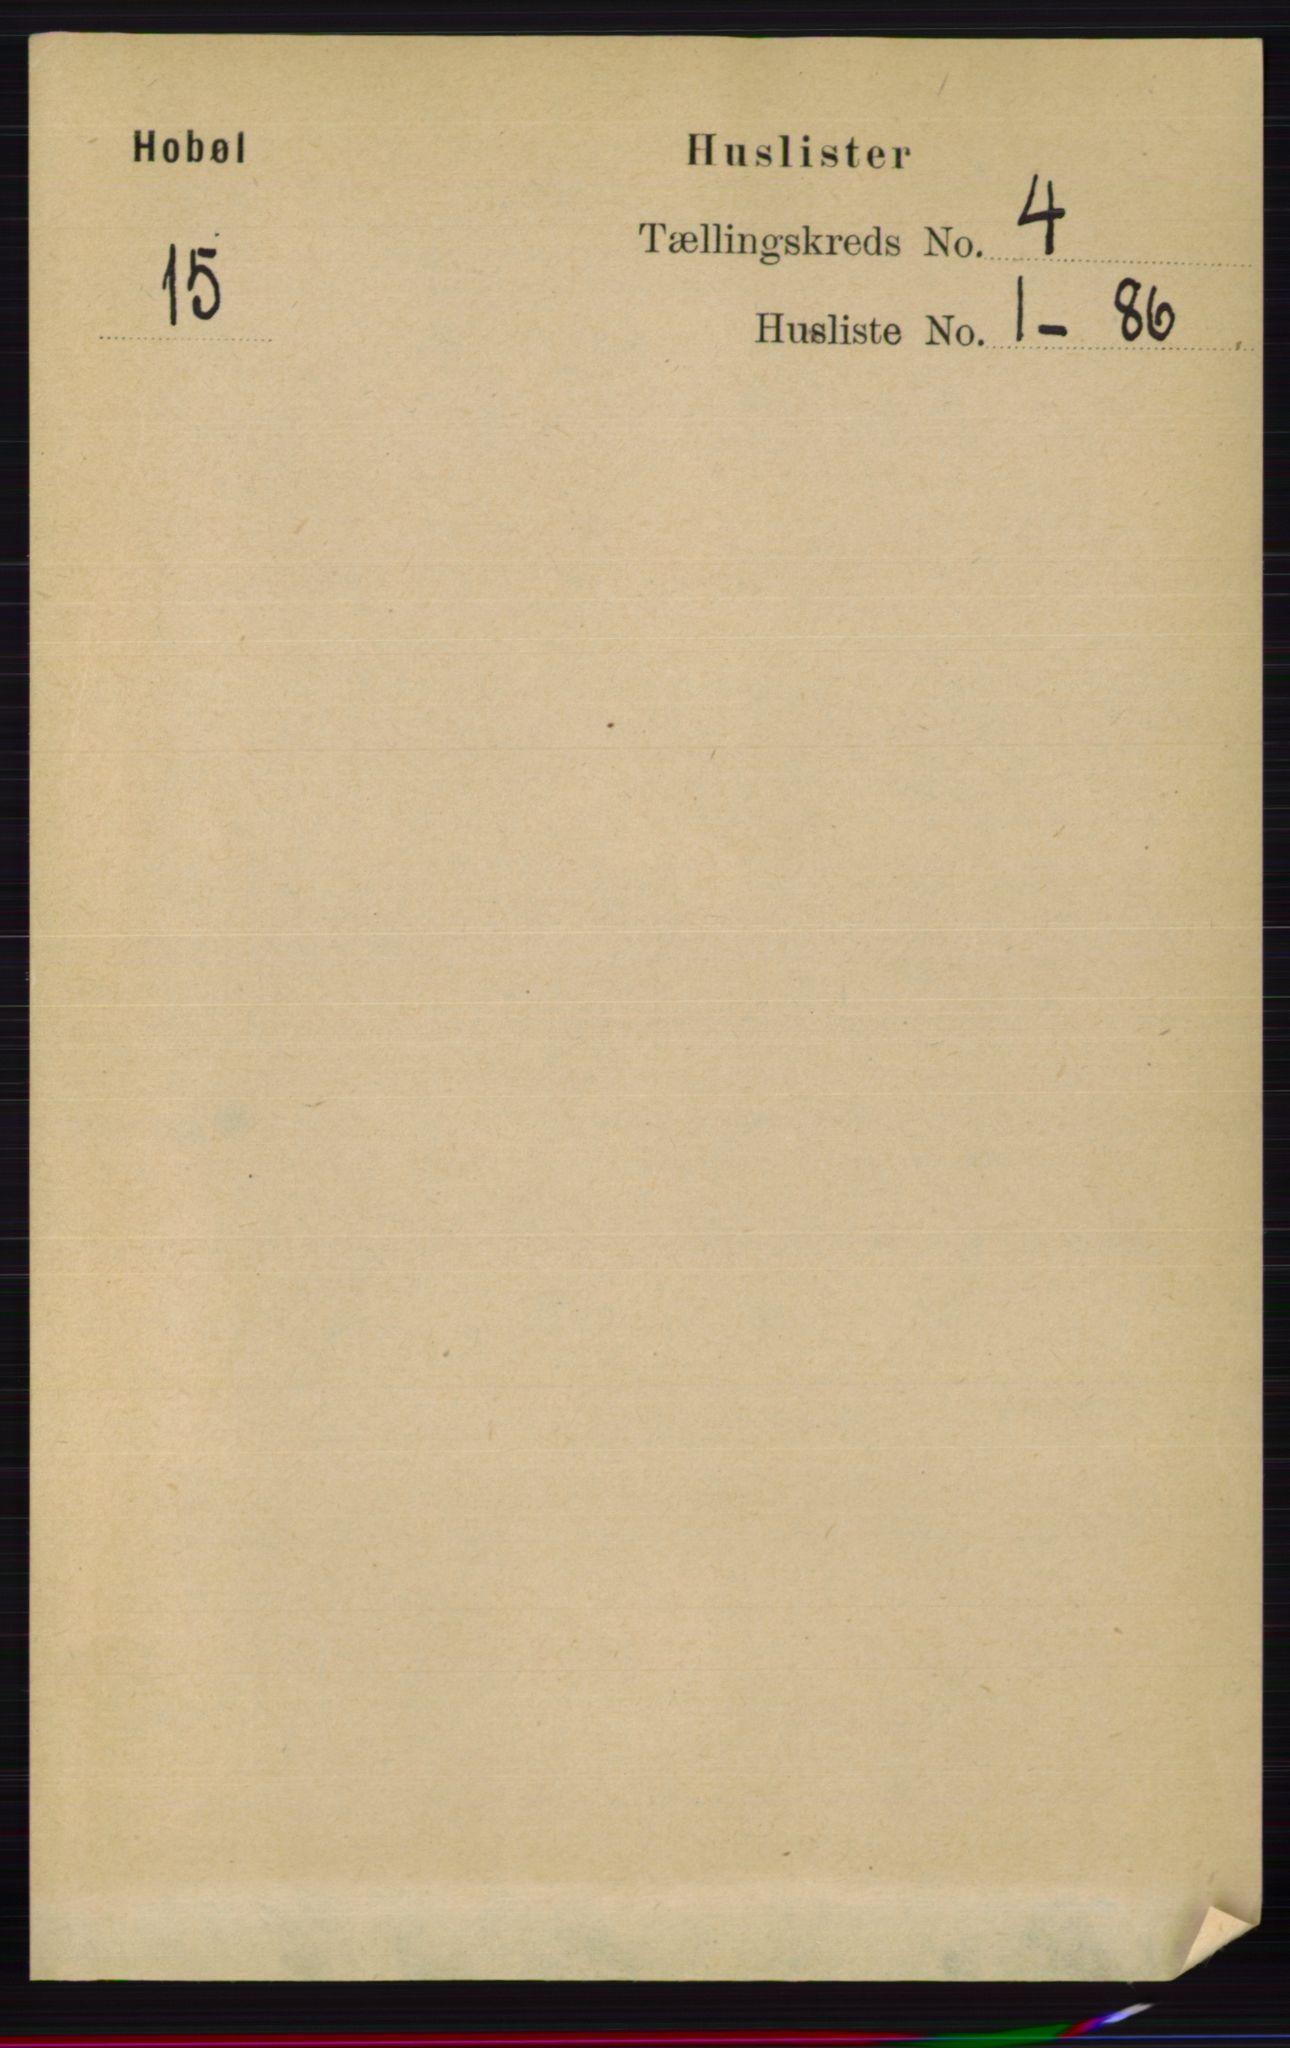 RA, Folketelling 1891 for 0138 Hobøl herred, 1891, s. 2326